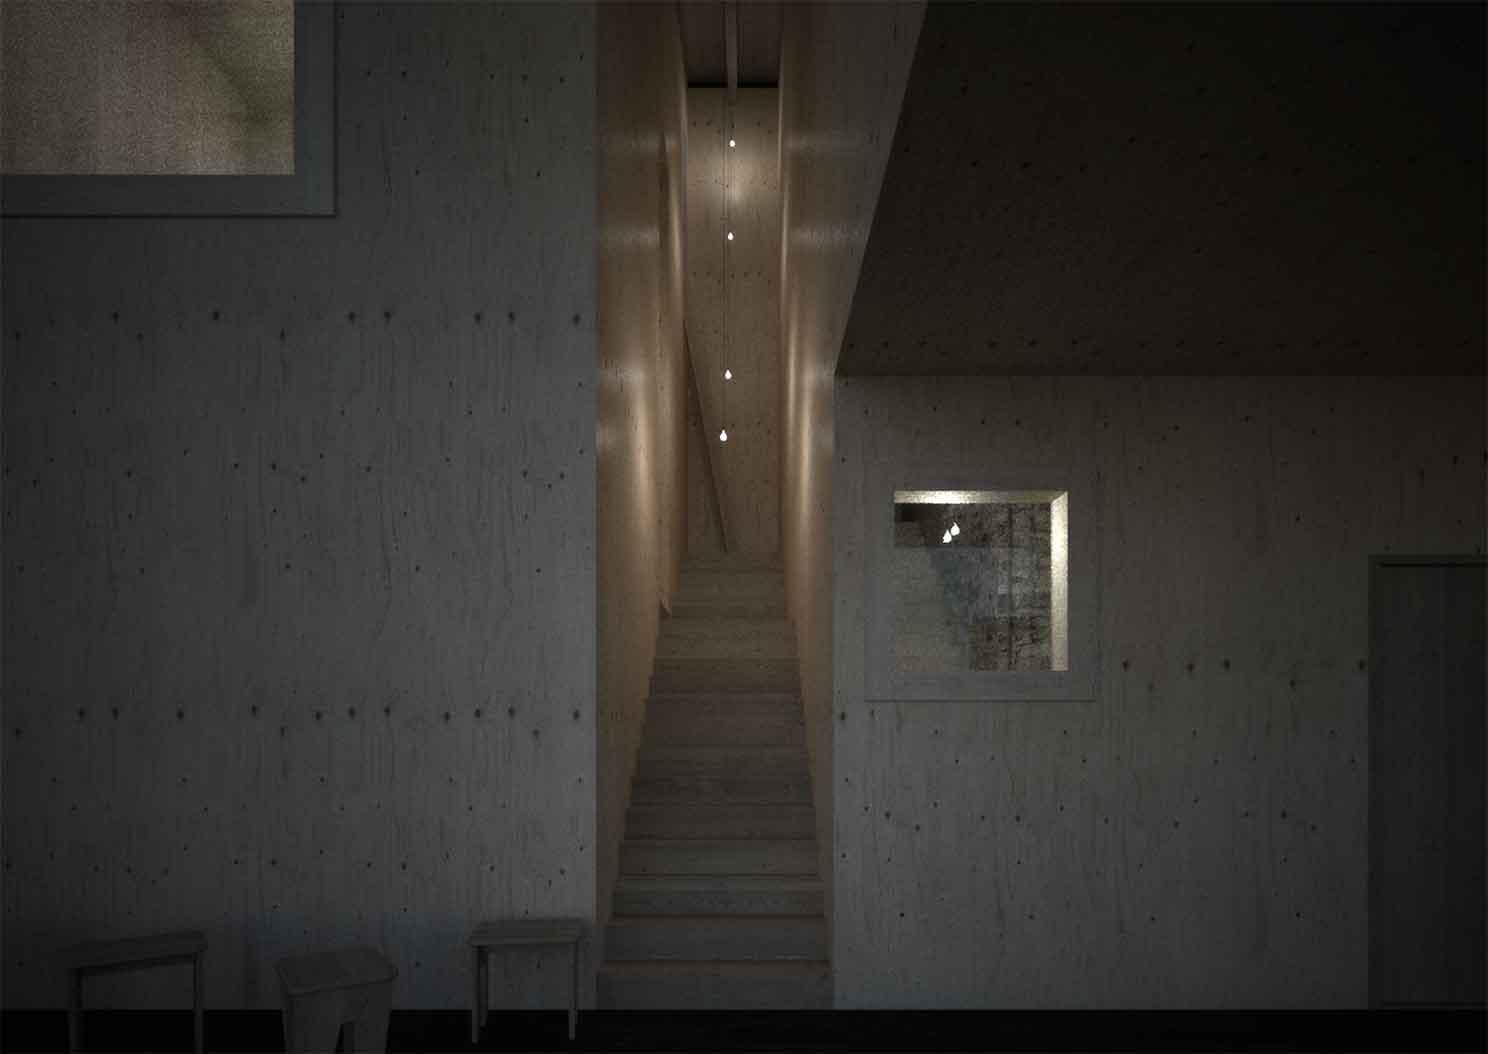 Hotel Petrova bouda - vizualiace hotelového schodiště. Autor: Kurz architekti